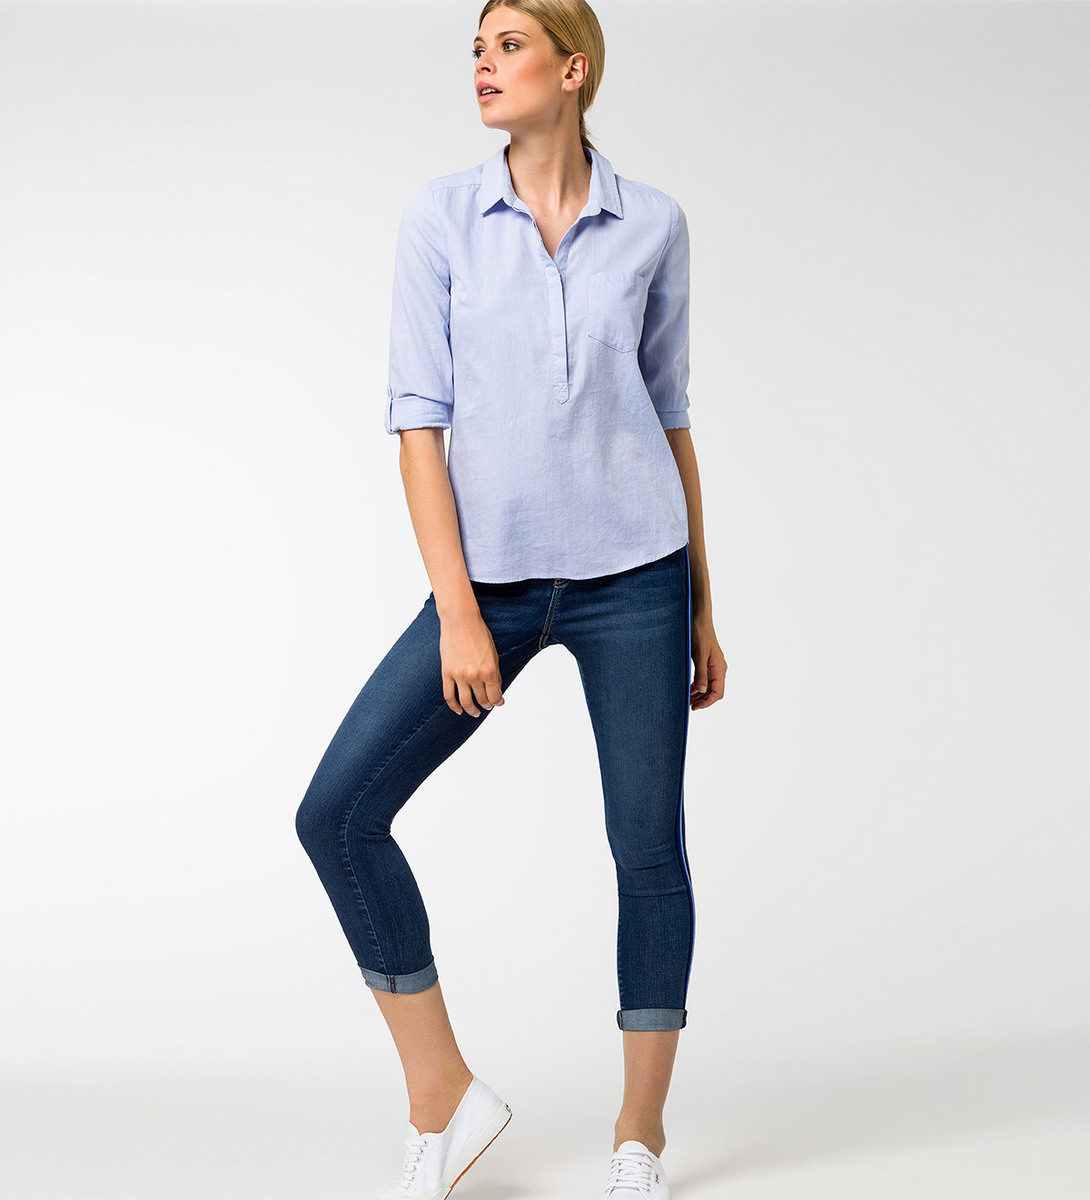 Bluse mit verkürzter Knopfleiste in azur blue